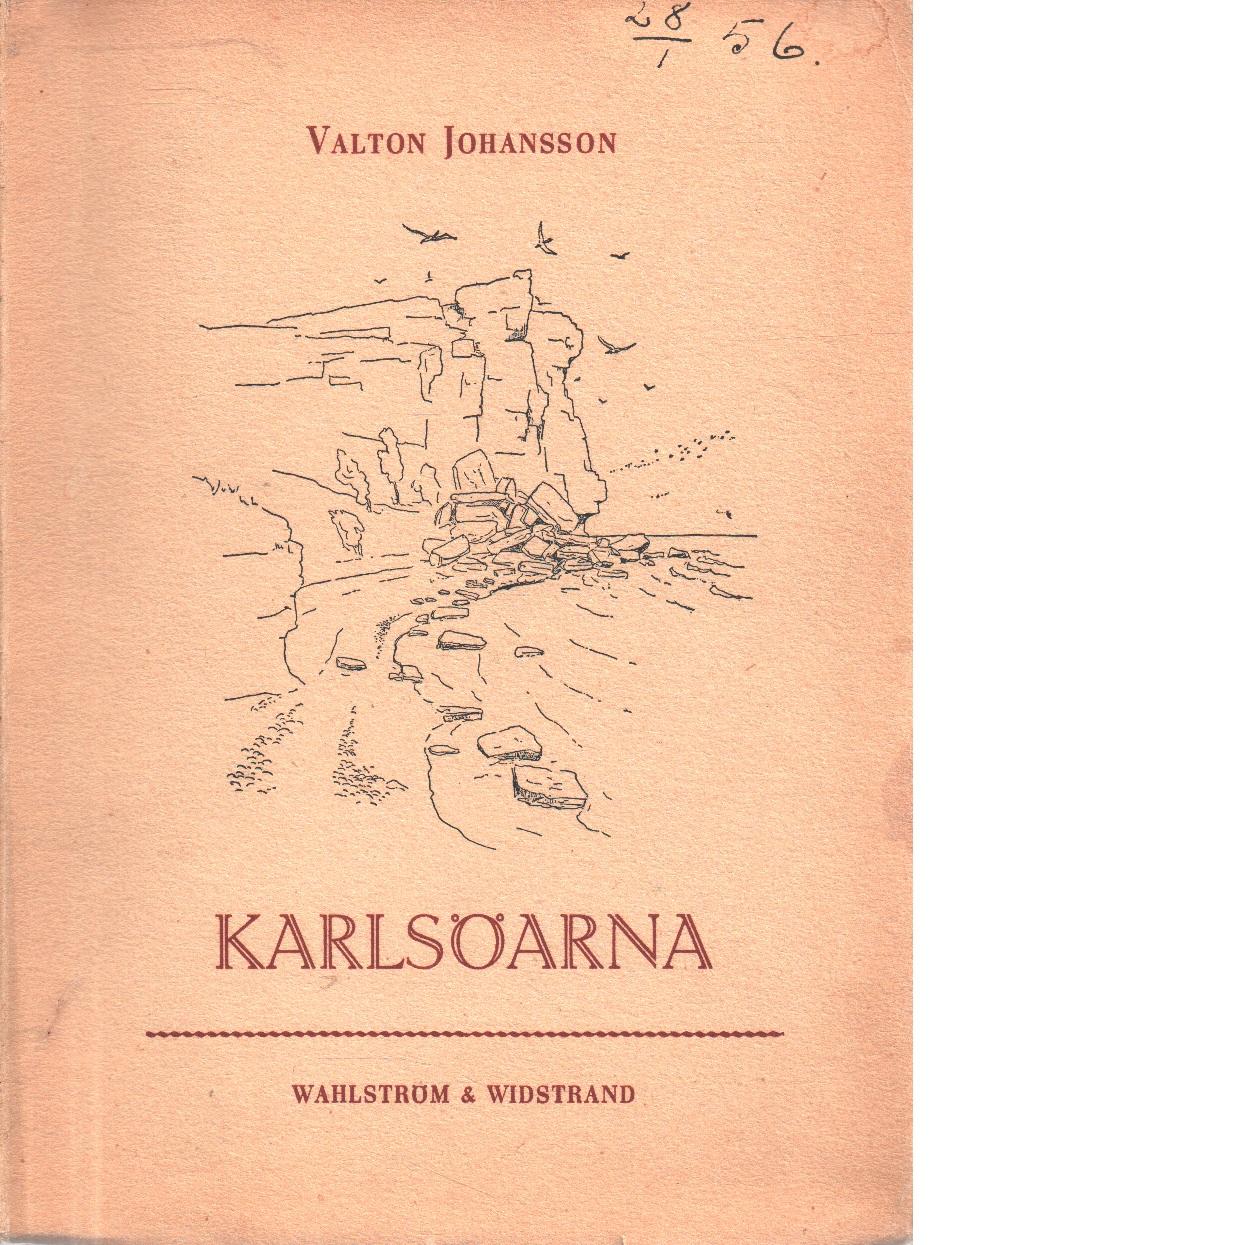 Karlsöarna - Johansson, Valton